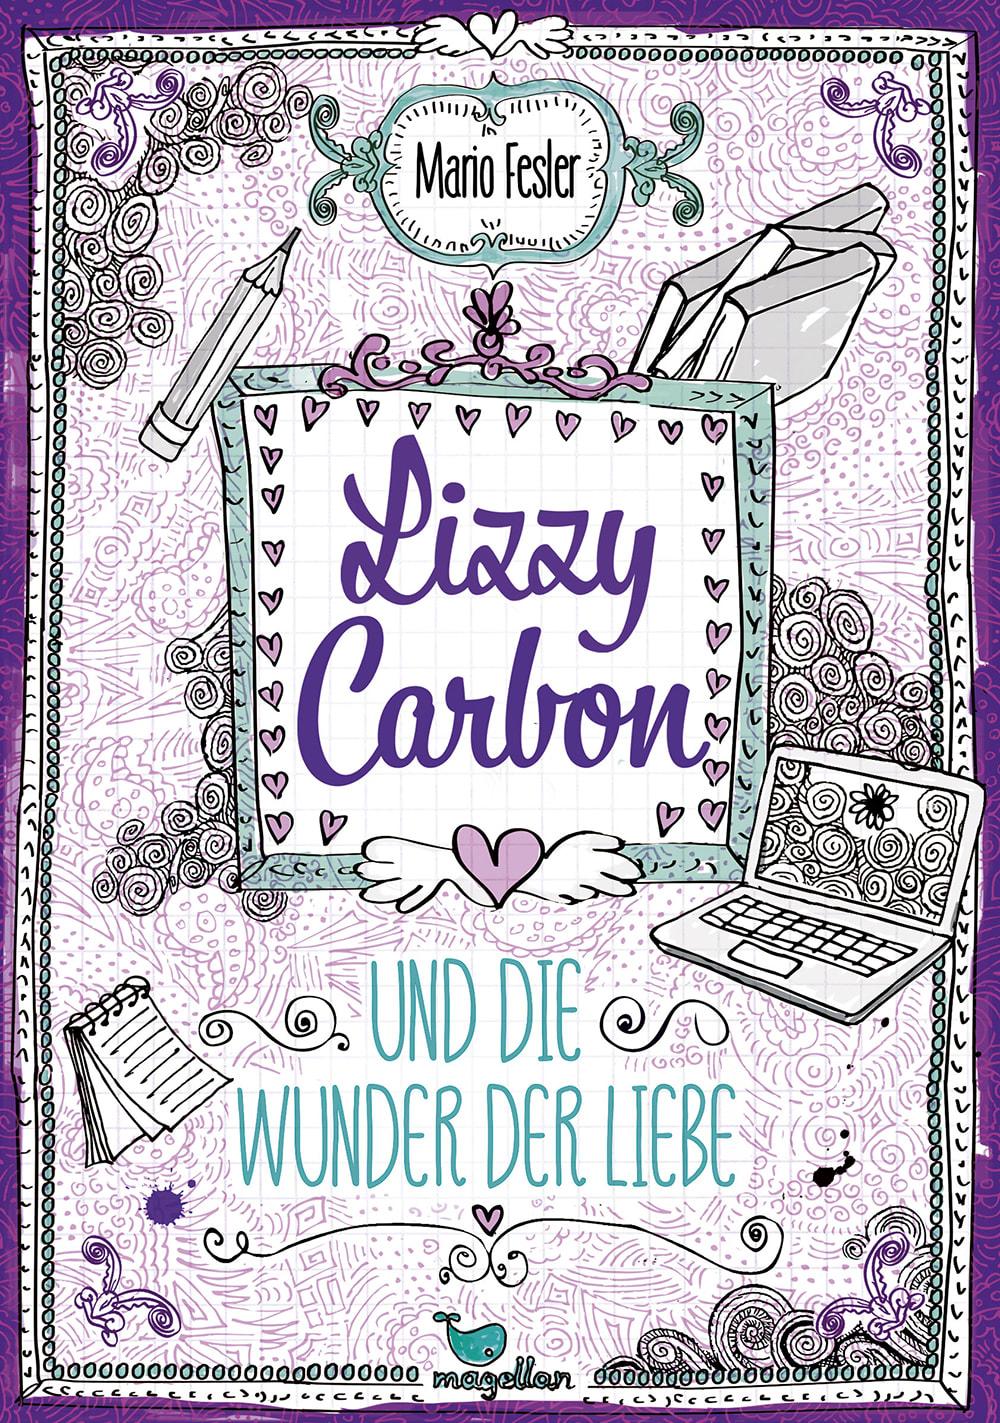 Cover Lizzy Carbon Band2 Und die Wunder der Liebe Jugendbuch von Mario Fesler